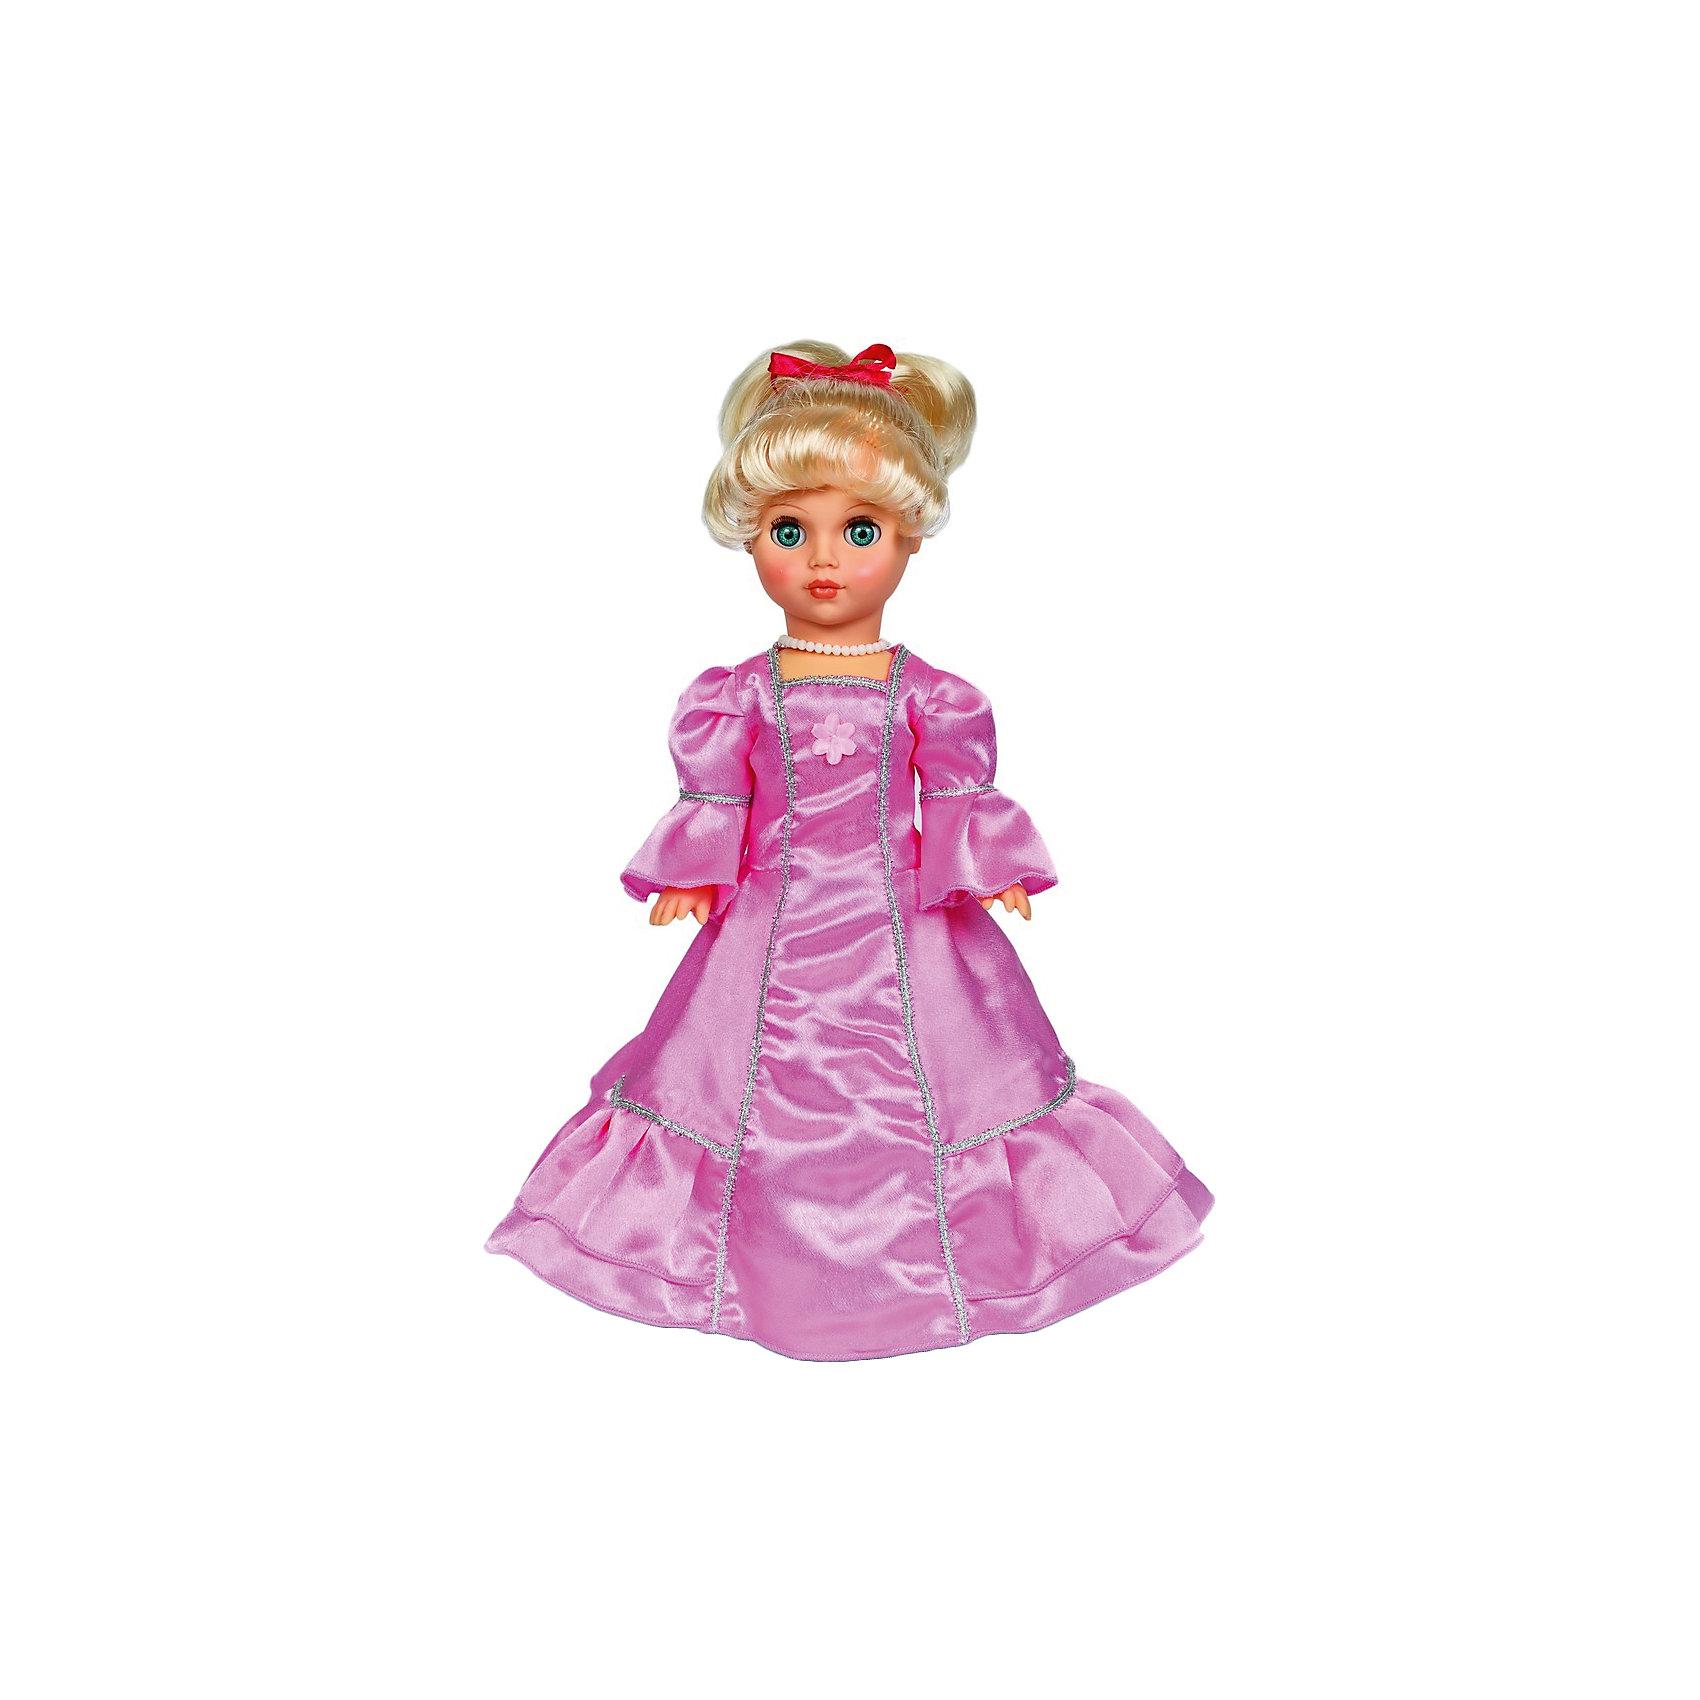 Кукла Мила, 42 см, ВеснаКлассические куклы<br>Эта очаровательная белокурая красавица покорит сердце любой девочки! Куколка одета в белое бальное платье, с пышной юбкой, образ дополняют маленькие изысканные бусики, на ногах - миниатюрные туфельки. Волосы Милы мягкие и послушные, из них получится множество замечательных причесок. Игрушка выполнена из высококачественных нетоксичных материалов абсолютно безопасных для детей.<br><br>Дополнительная информация:<br><br>- Материал: пластизол, пластик, текстиль.<br>- Размер: 42 см.<br>- Комплектация: кукла в одежде и обуви. <br>- Голова, руки, ноги подвижные.<br>- Глаза могут закрываться. <br><br>Куклу Милу,42 см, Весна, можно купить в нашем магазине.<br><br>Ширина мм: 170<br>Глубина мм: 100<br>Высота мм: 420<br>Вес г: 310<br>Возраст от месяцев: 36<br>Возраст до месяцев: 120<br>Пол: Женский<br>Возраст: Детский<br>SKU: 4595145